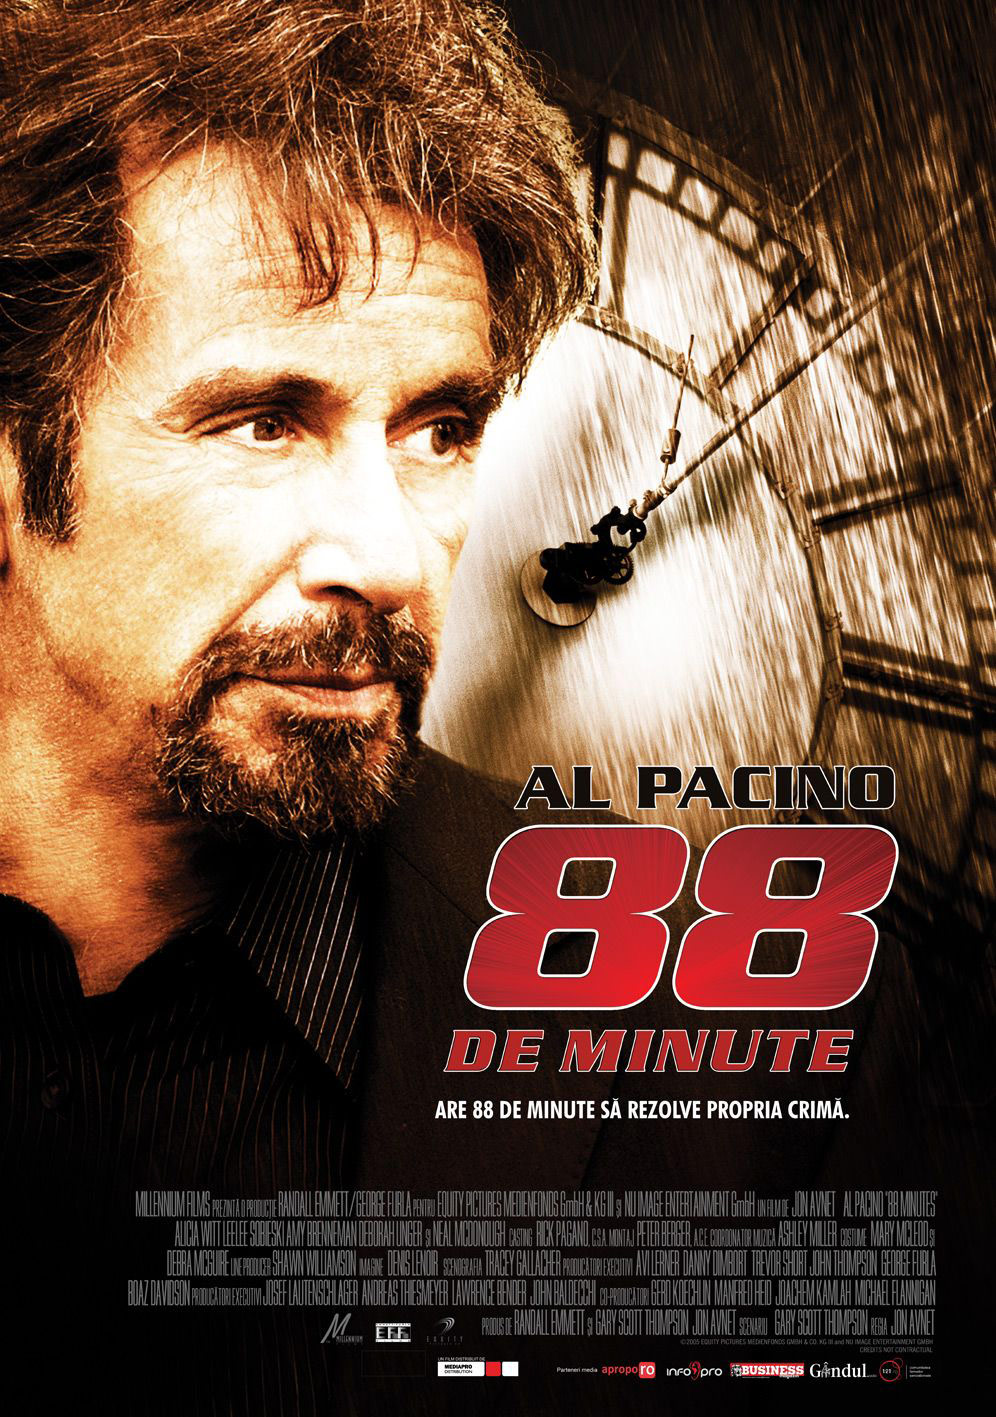 the italian mafia flim... Al Pacino